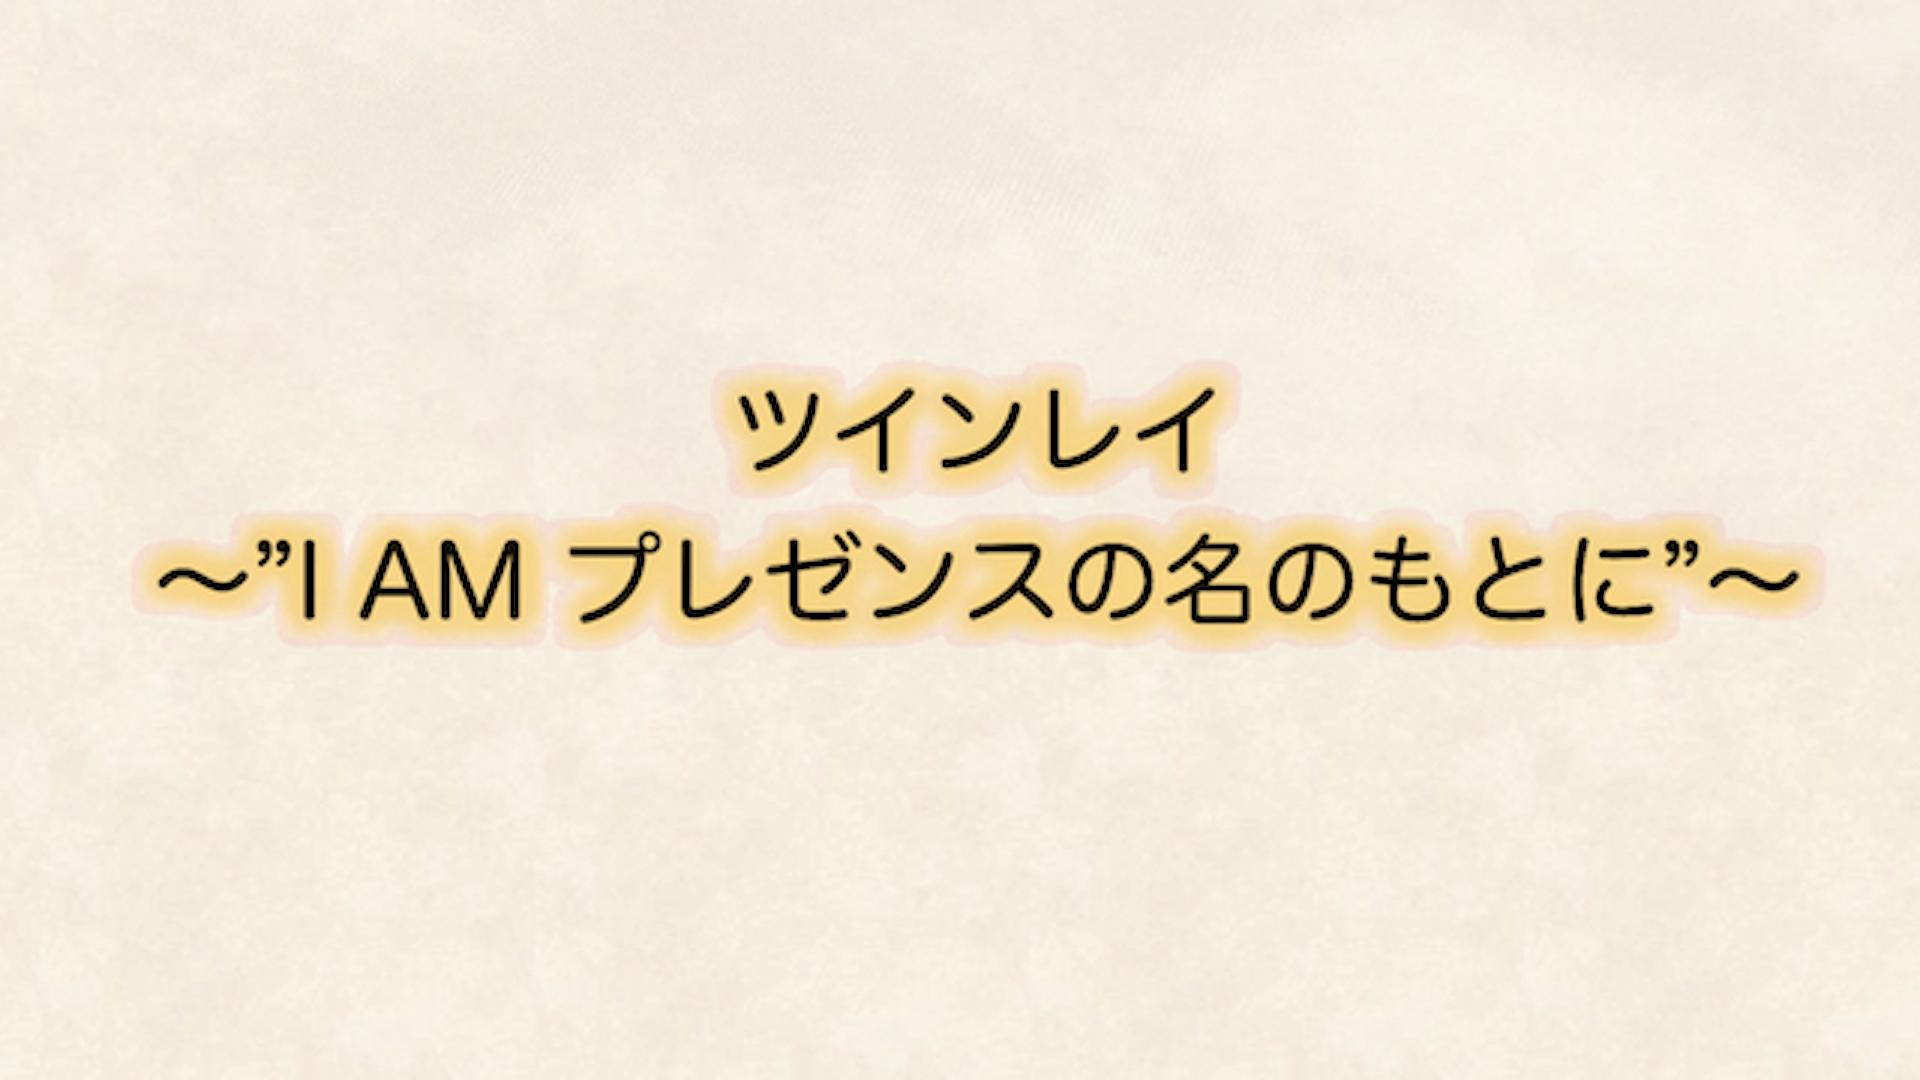 """ツインレイ 〜 """" I AM プレゼンスの名のもとに """" 〜"""